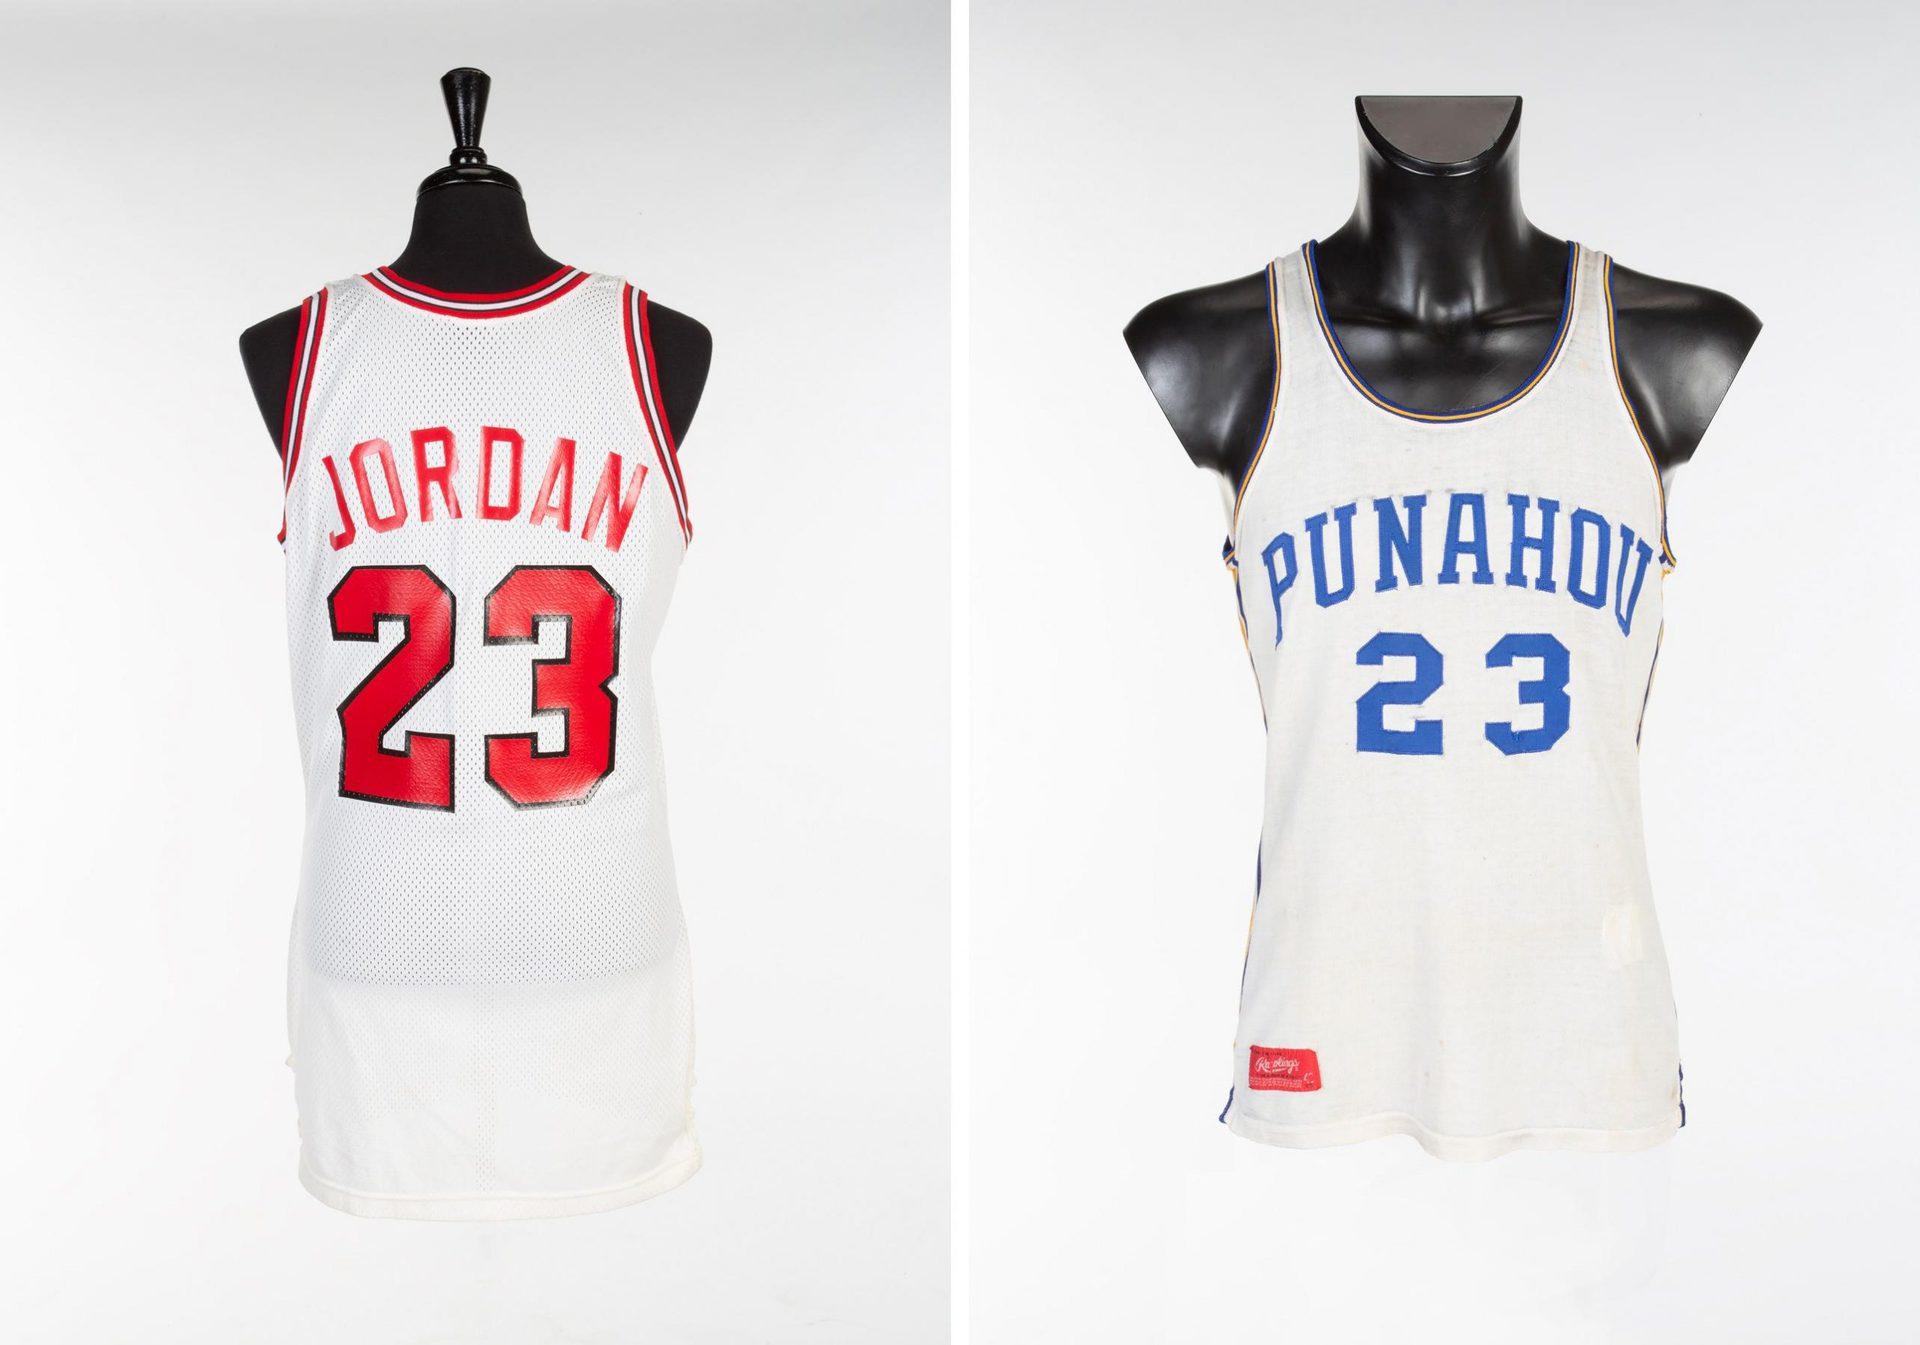 Trikot von Michael Jordan für Rekordpreis versteigert Basketball